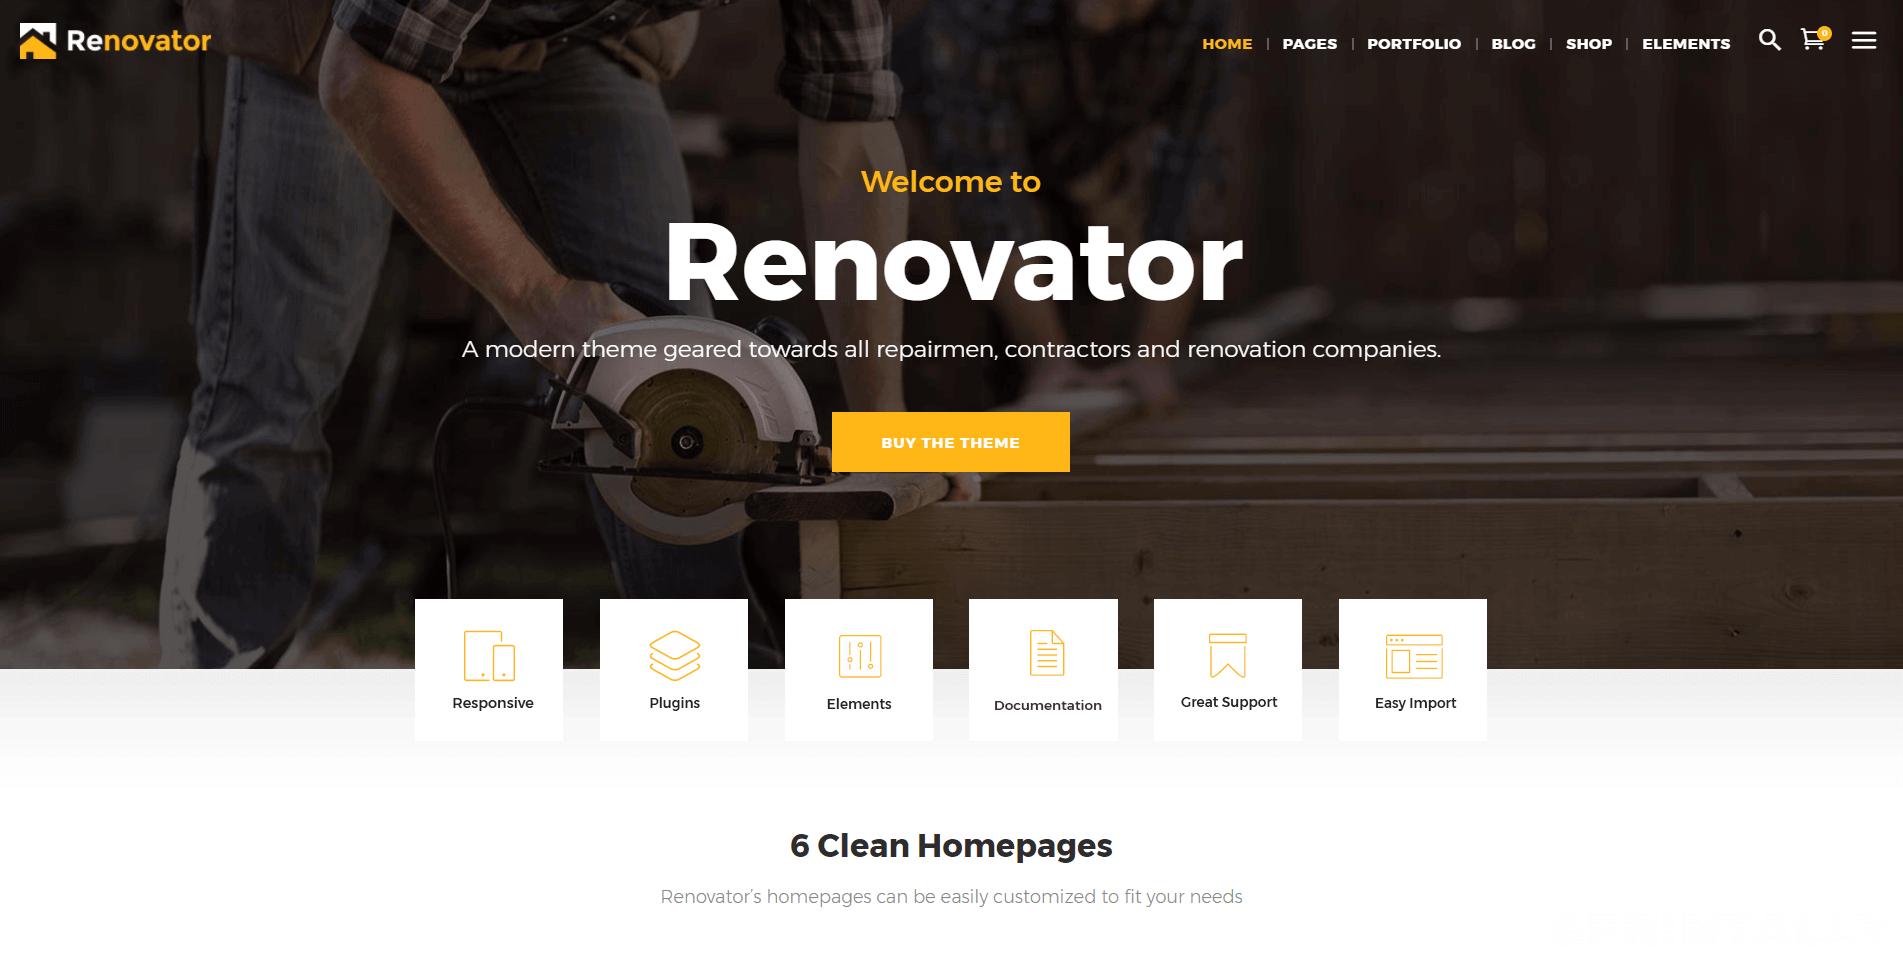 Repairman, Contractor Business